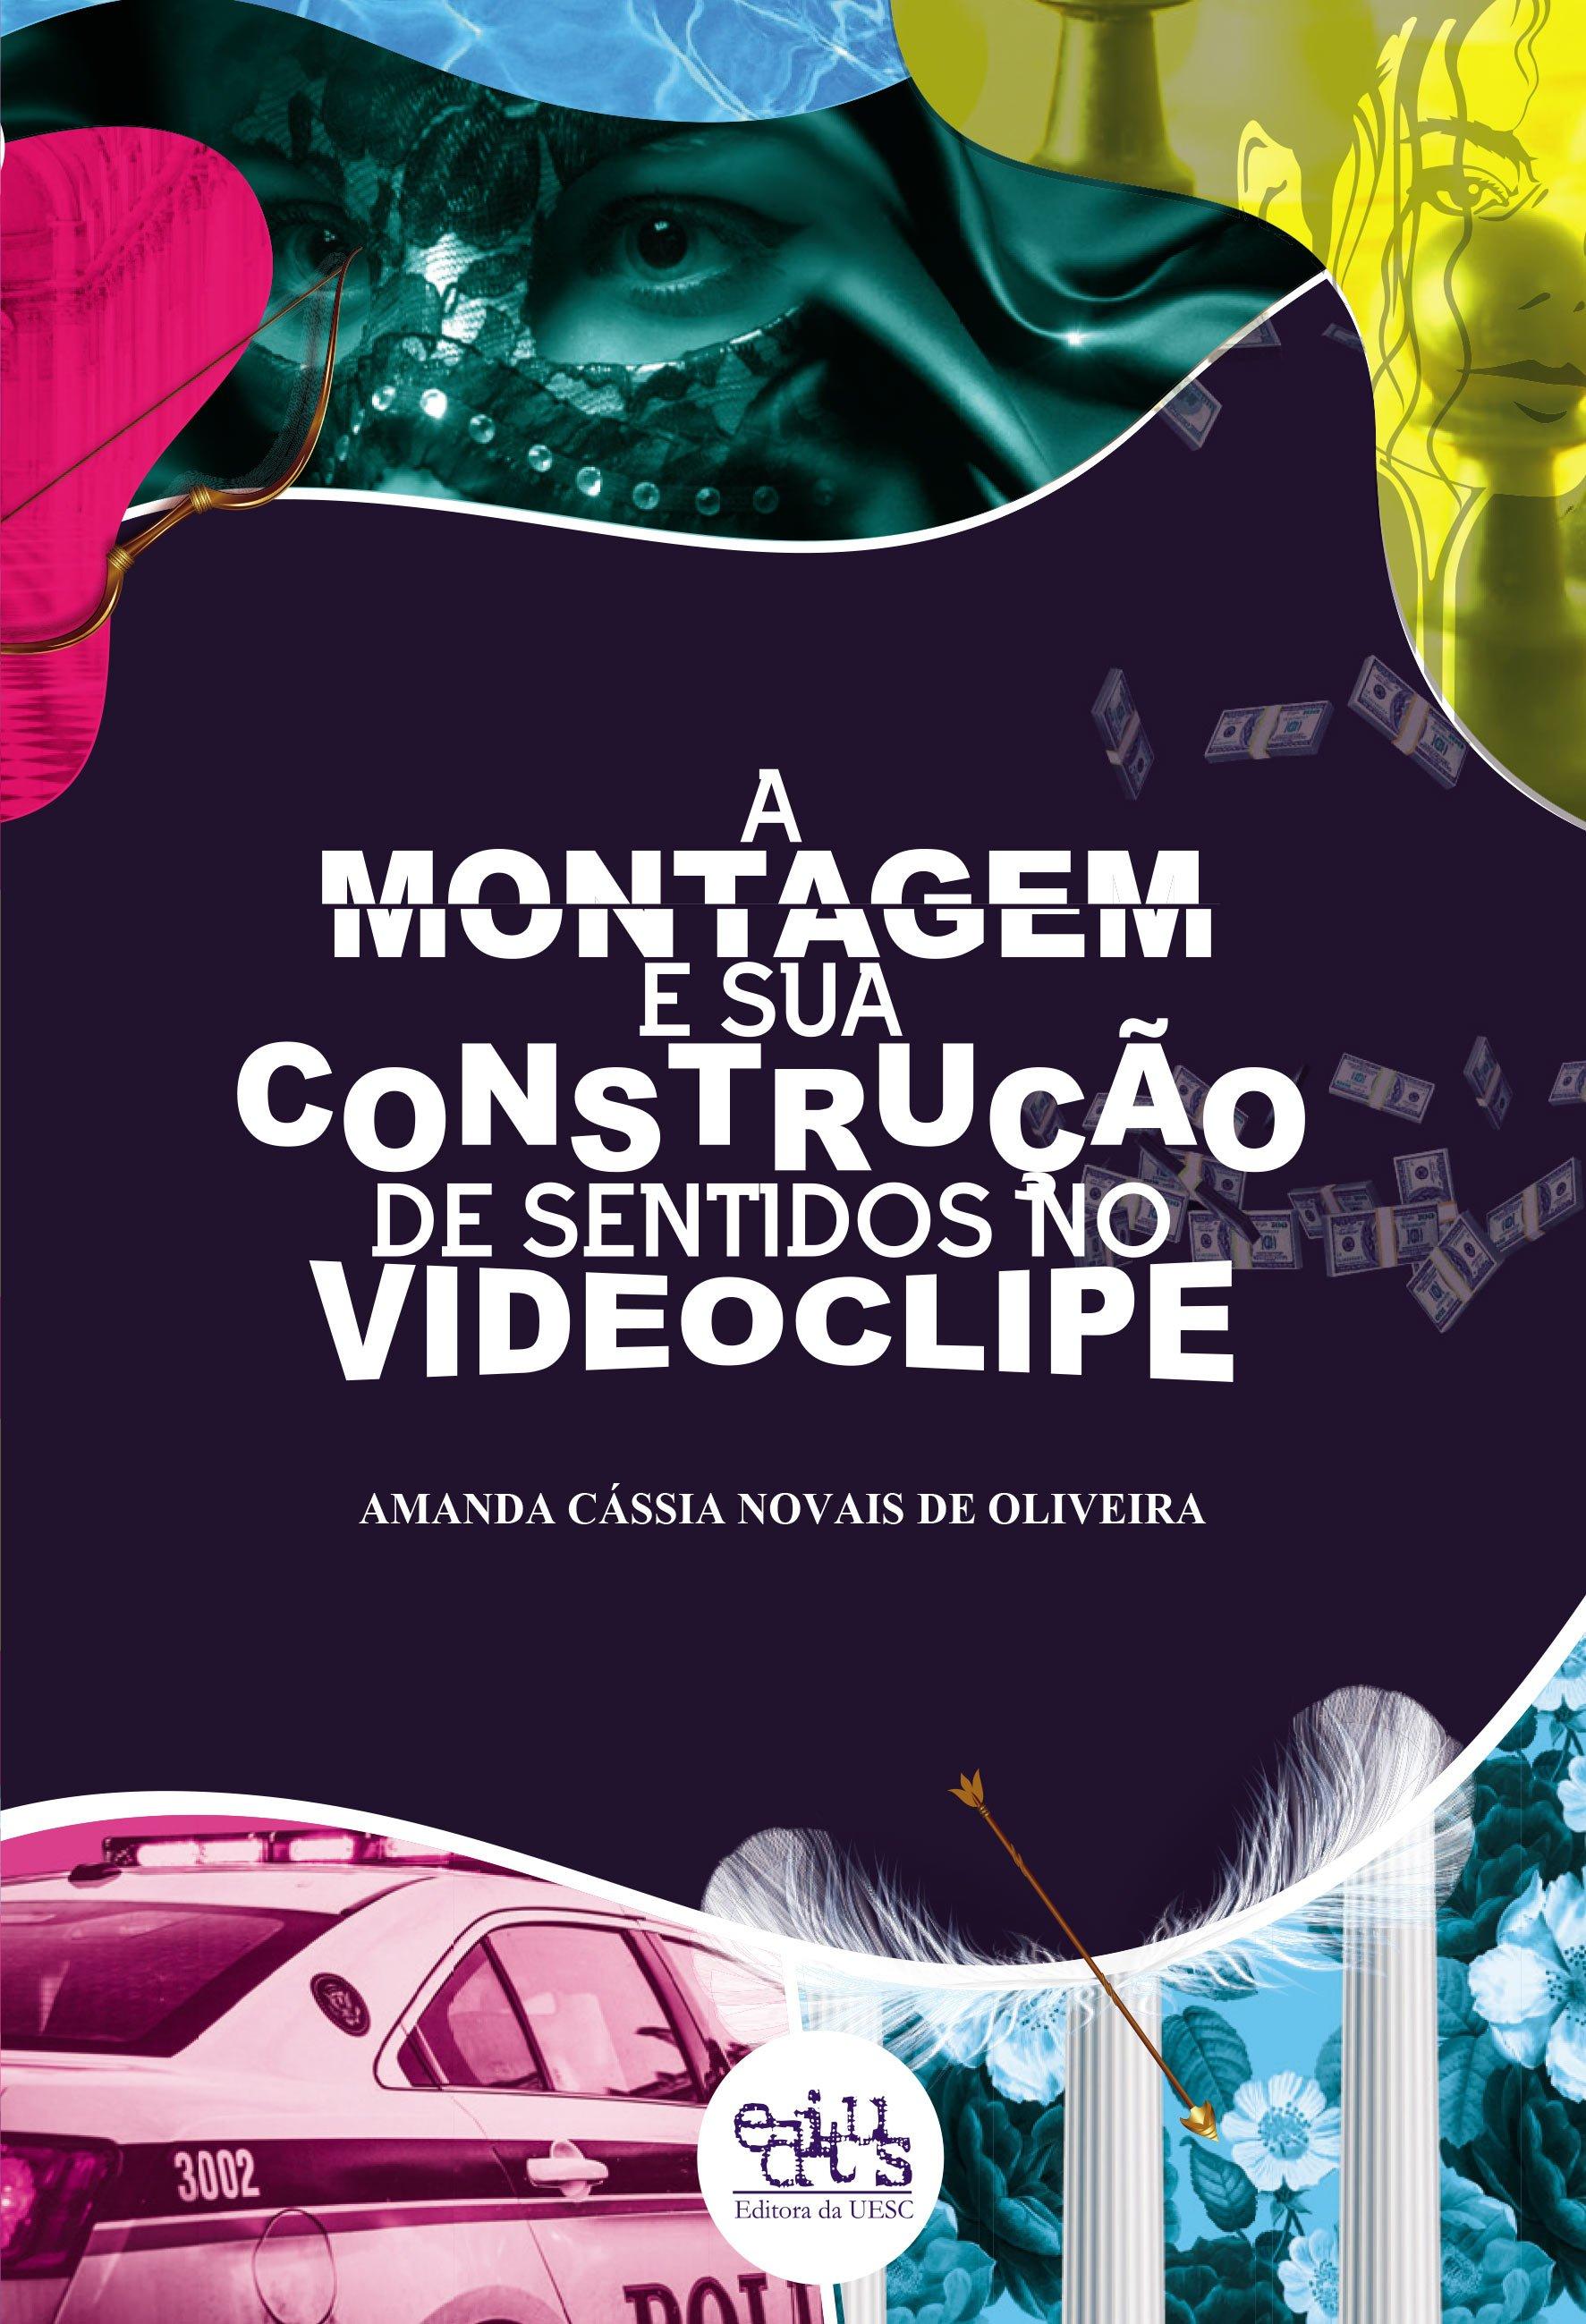 A montagem e sua construção de sentidos no videoclipe, livro de Amanda Cássia Novais de Oliveira